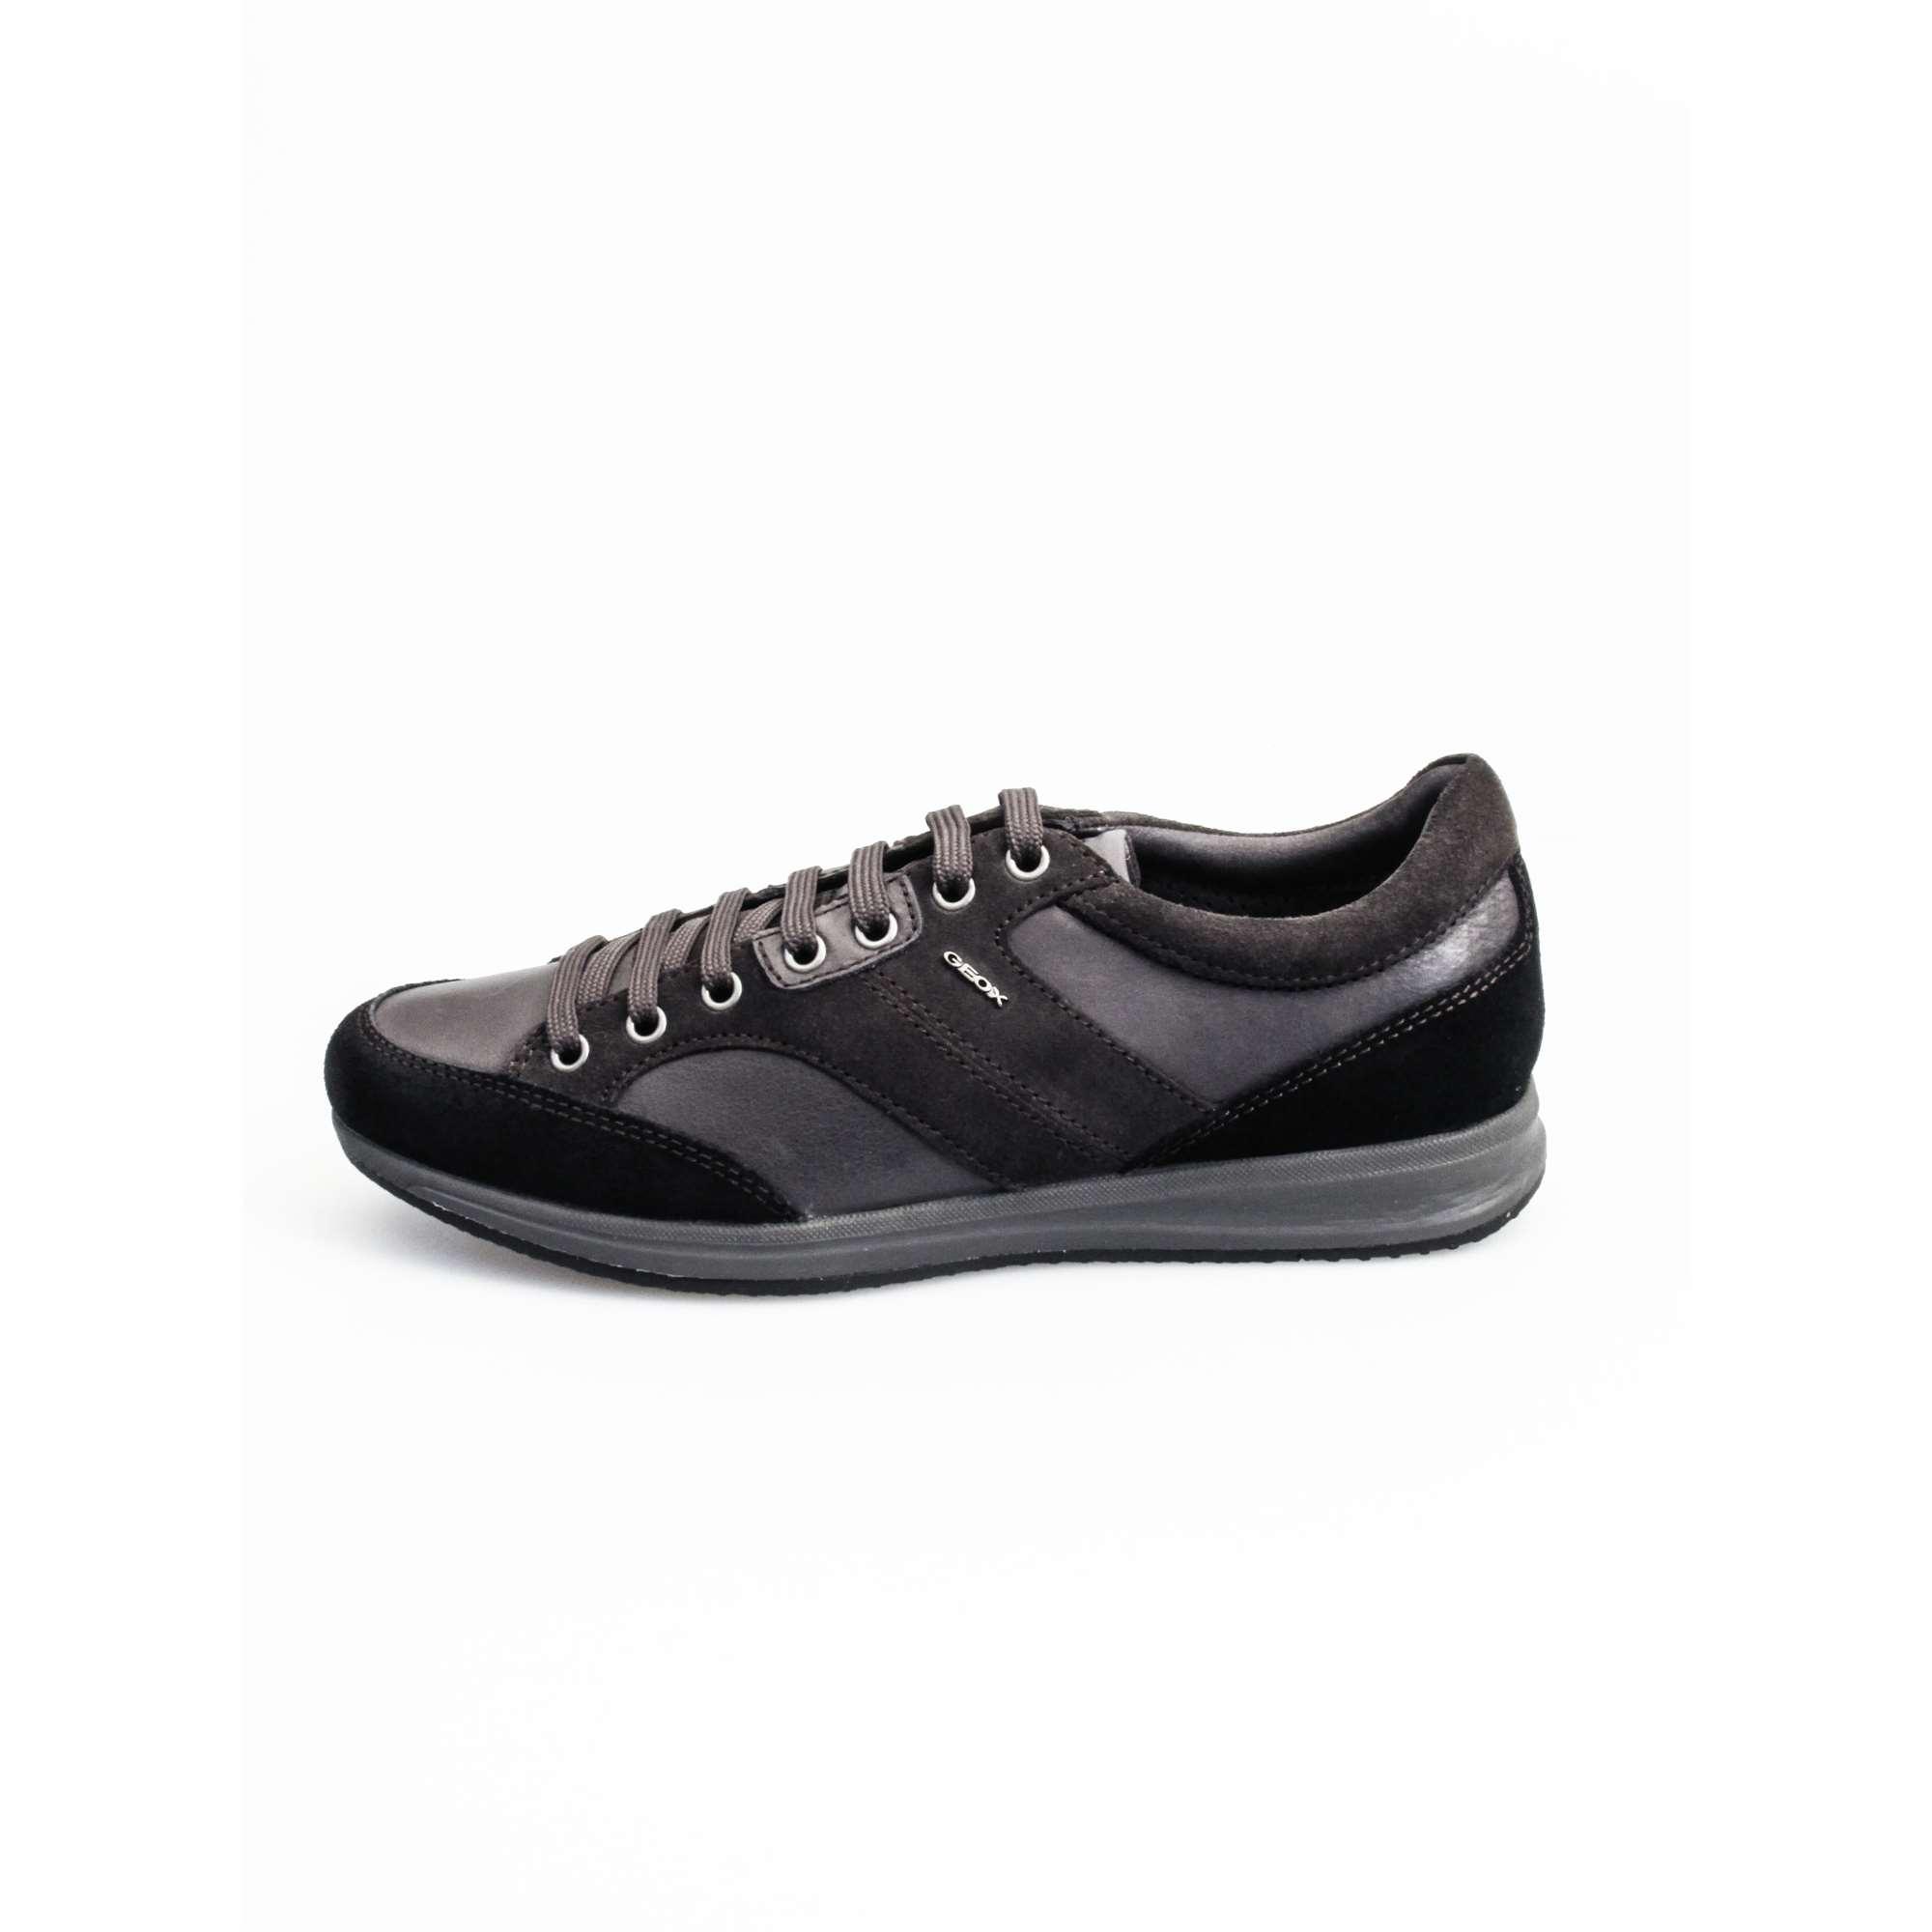 Geox Sneakers Uomo U54H5A 022CL | Acquista ora su Sorrentino